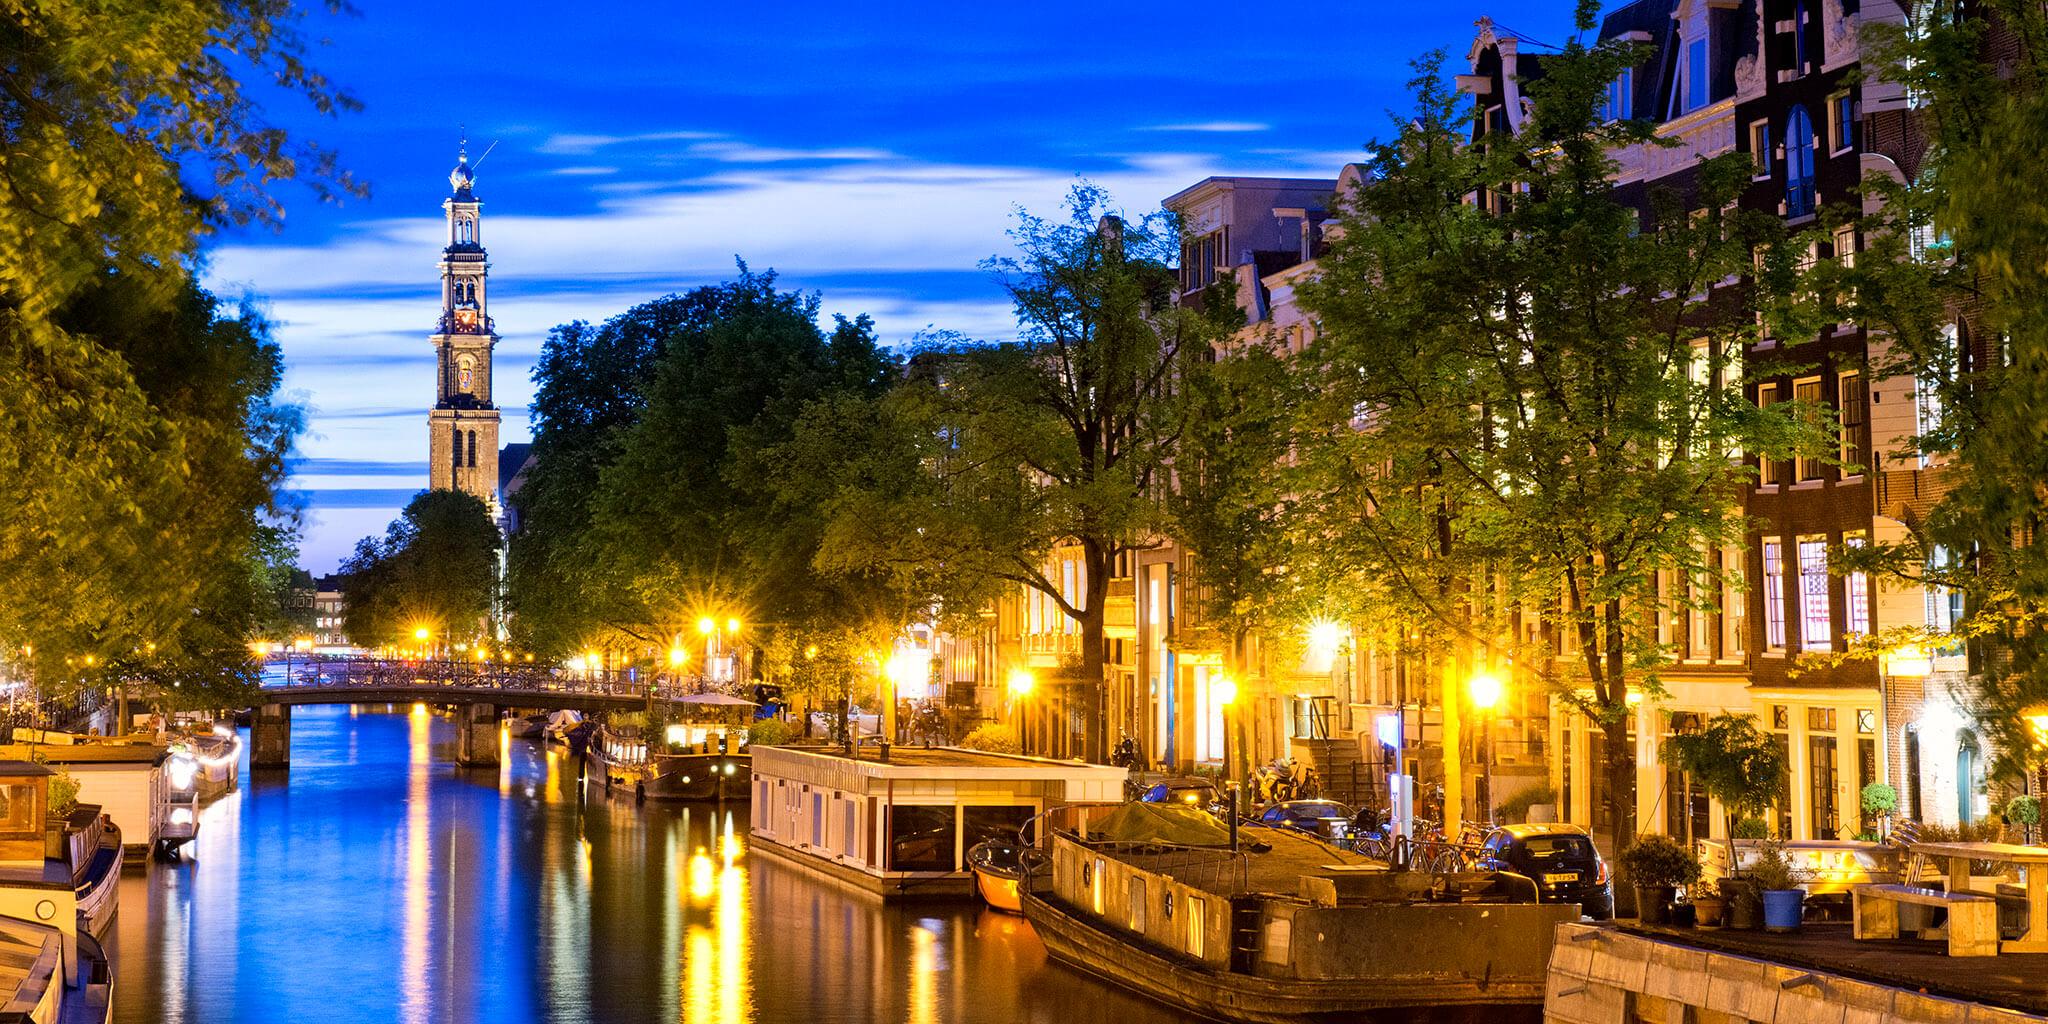 Φθηνές πτήσεις προς Αμστερνταμ